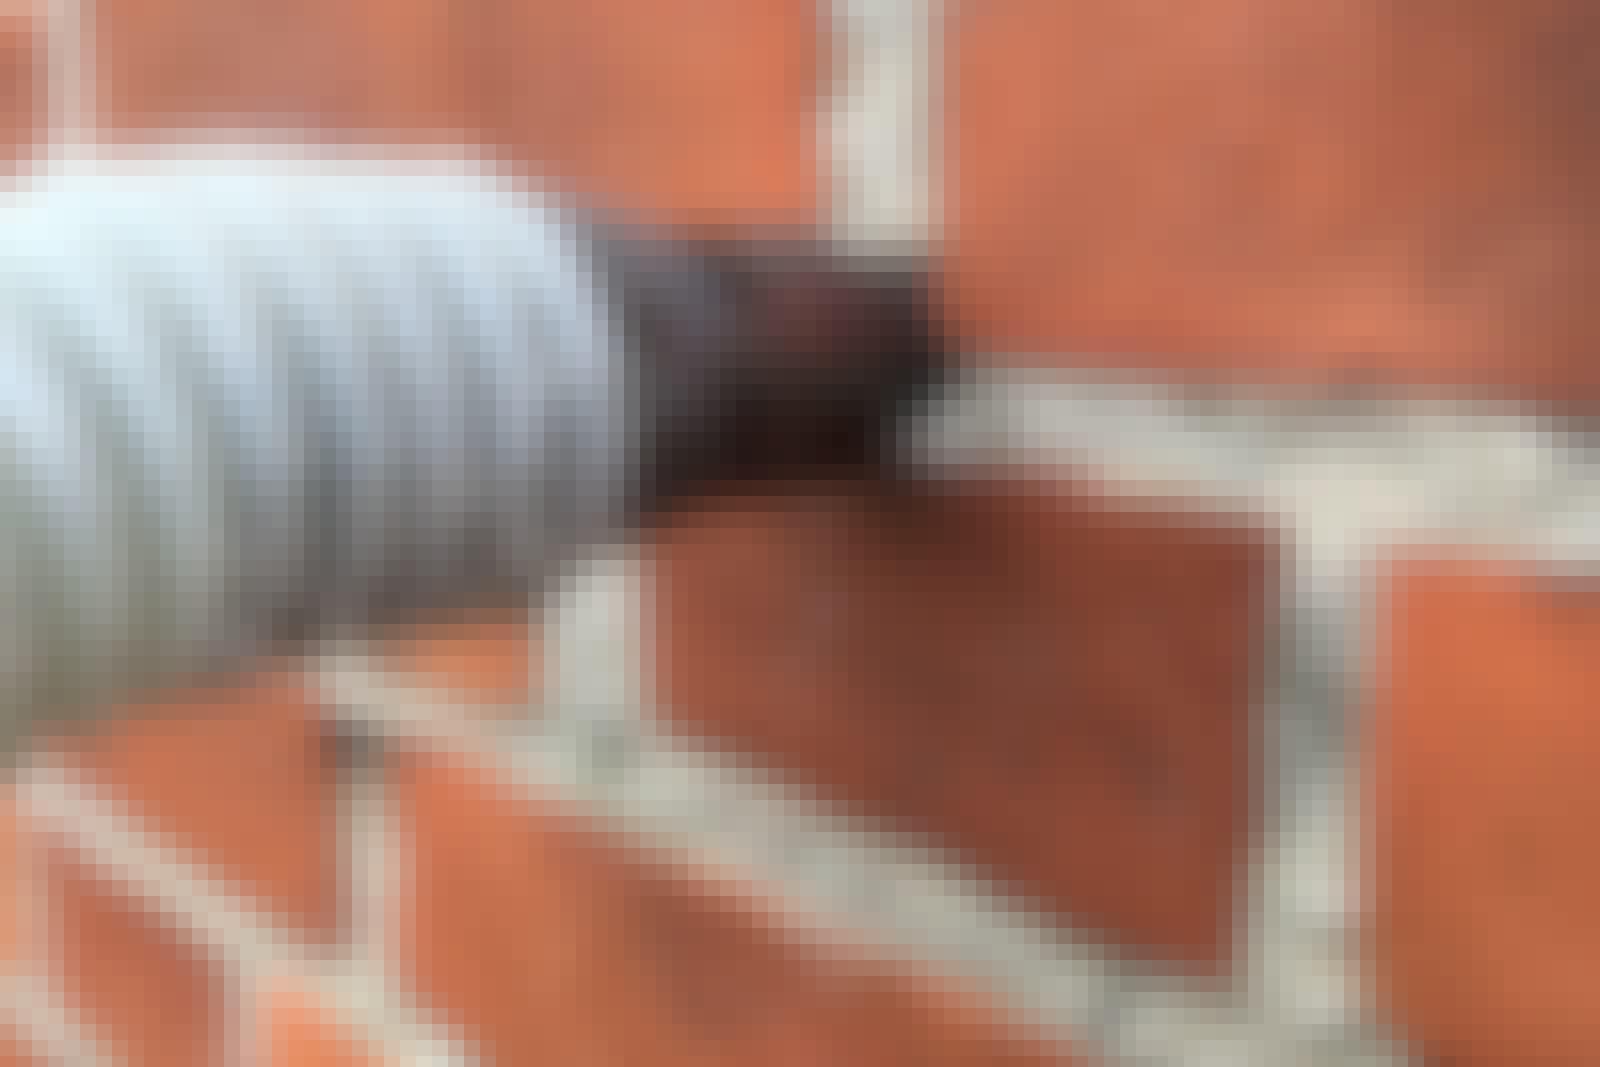 Hulmursisolering: Når der skal hulmursisoleres skal der typisk blot bores nogle huller i murstensfugerne, før granulat eller papiruld kan blæses ind.